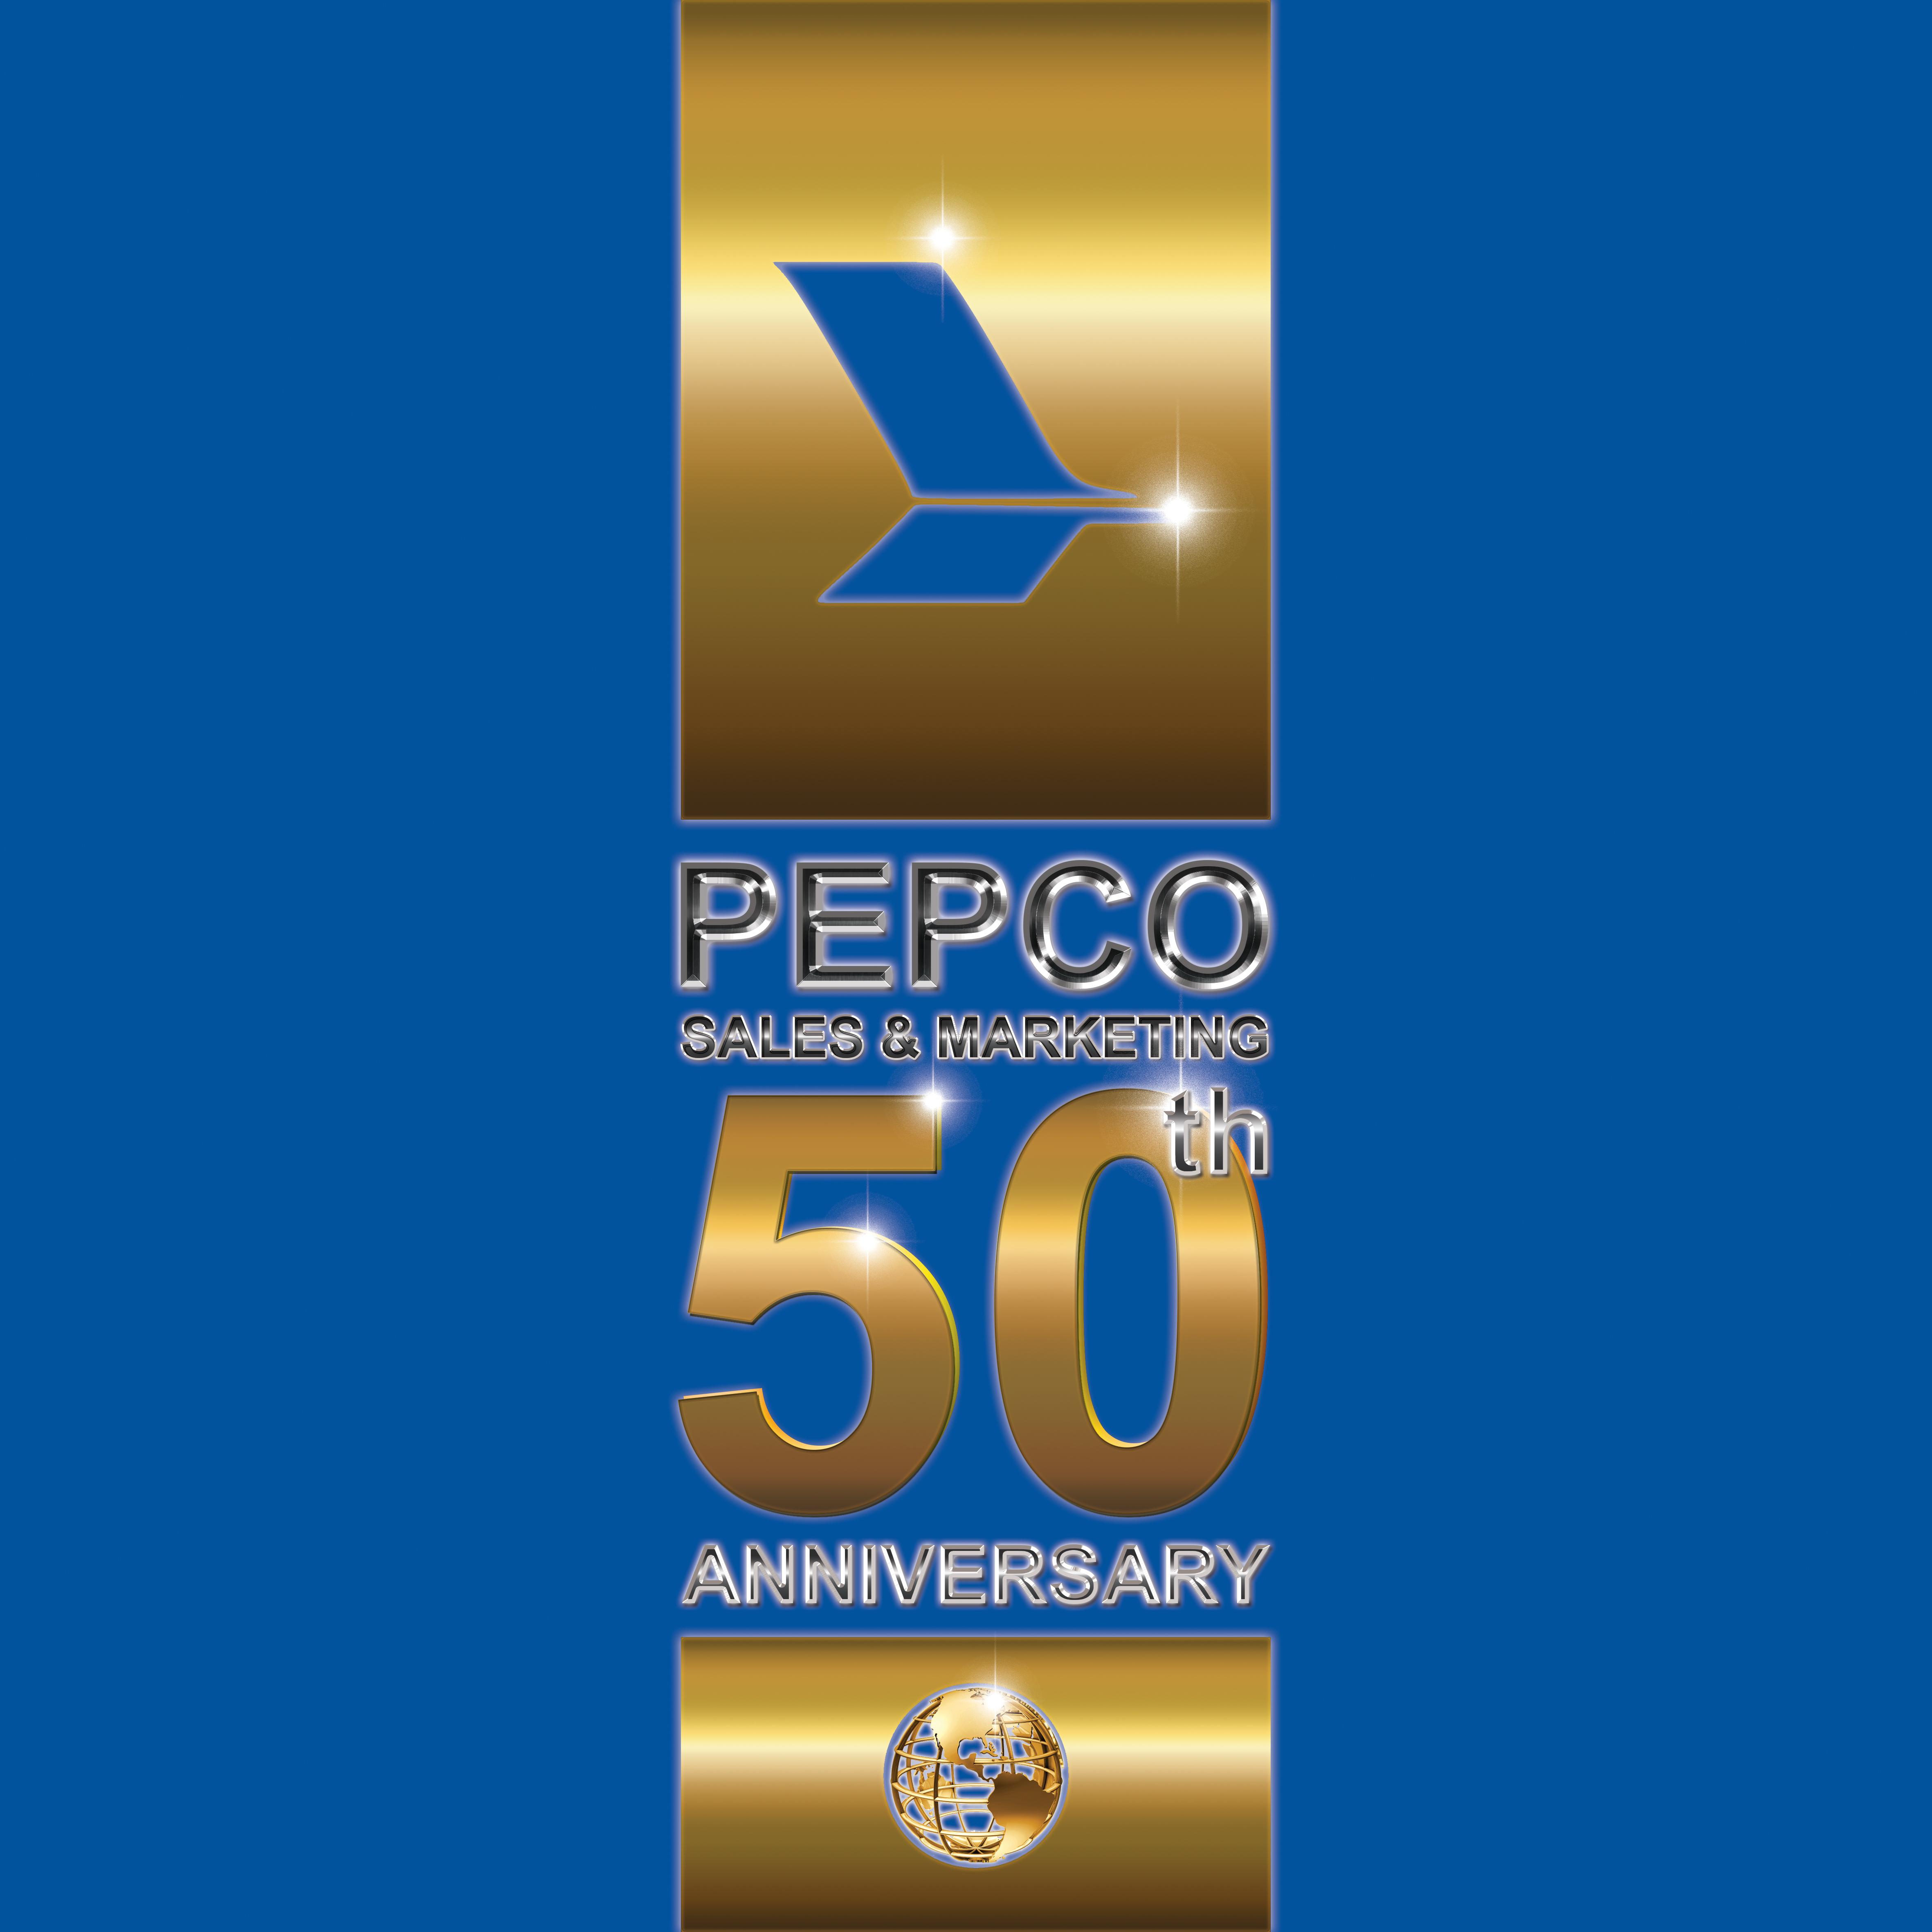 Logo Design by Kiavash Varnoos - Entry No. 56 in the Logo Design Contest 50th Anniversary Logo Design for Pepco Sales  & Marketing.